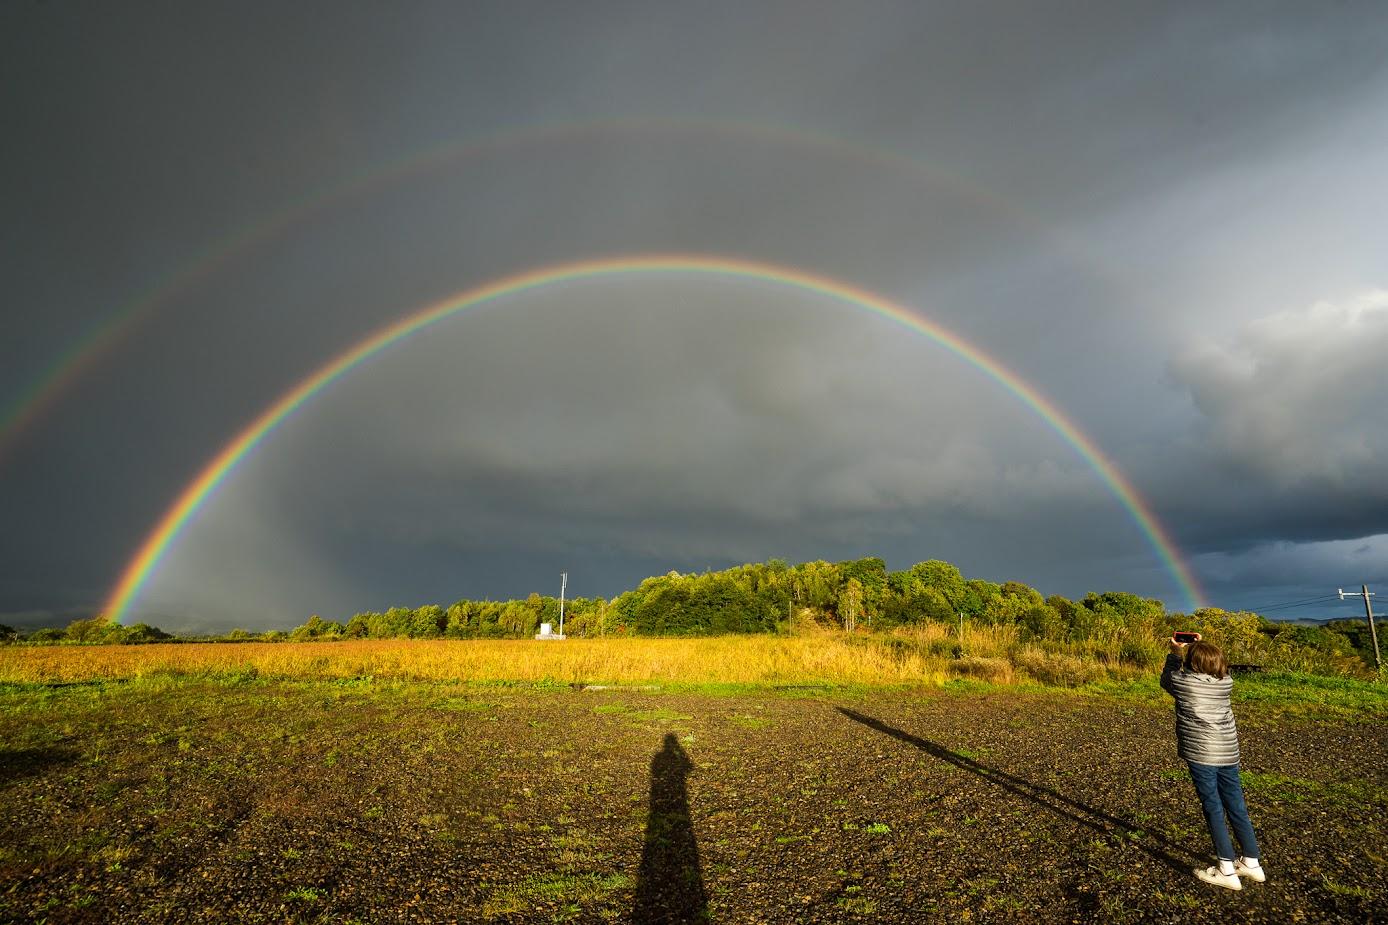 雨と光の饗宴